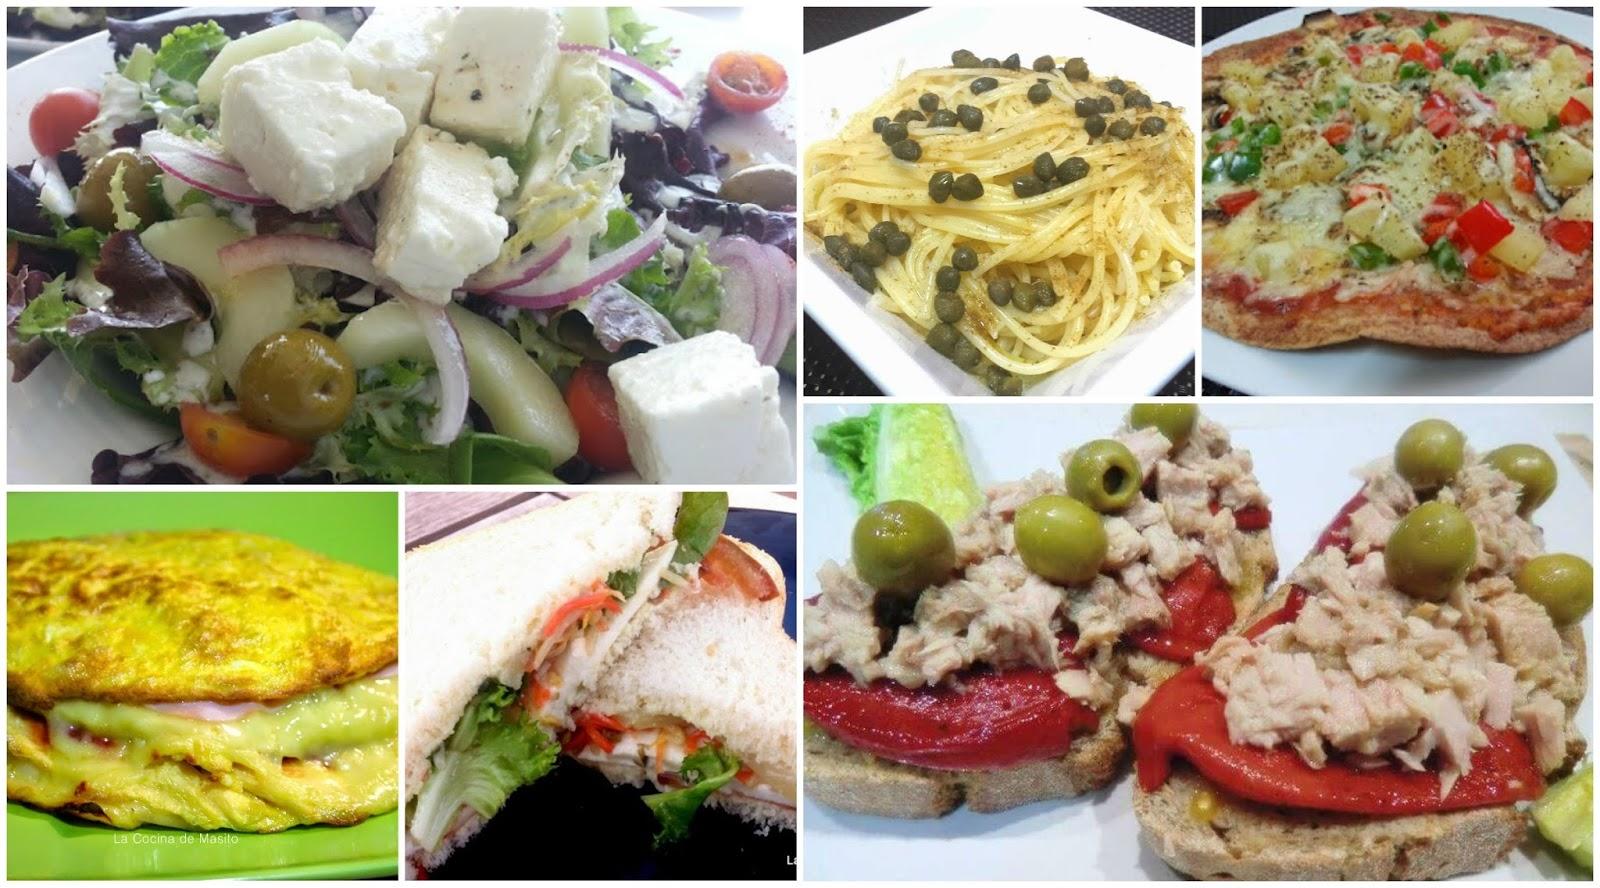 Cocina f cil ideas para cenar f cil y rico - Comidas para cenar rapidas ...